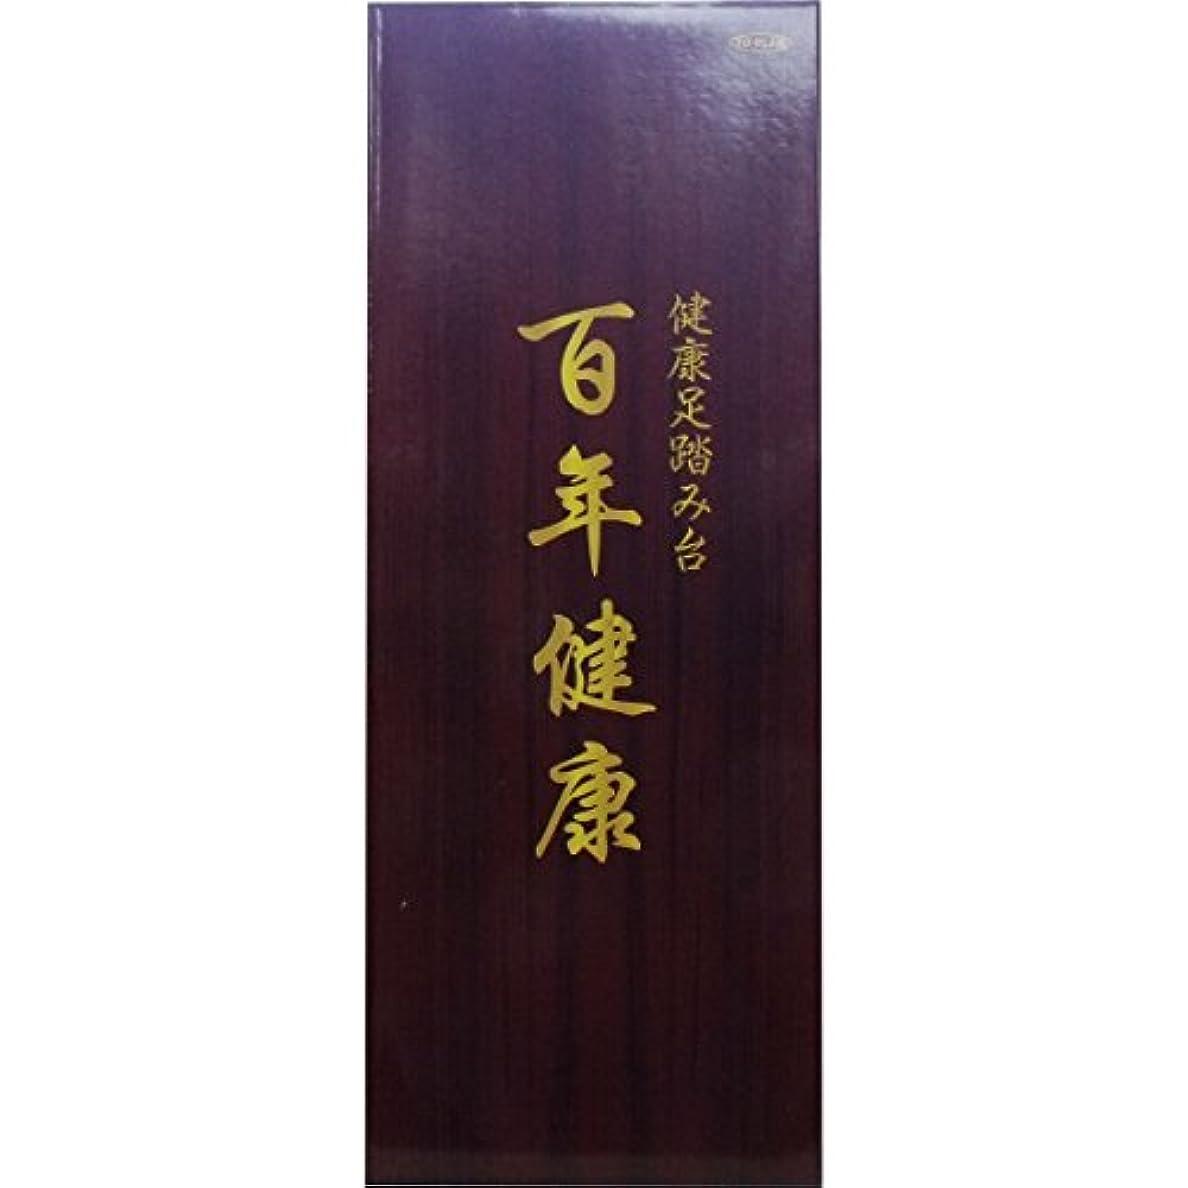 ファンタジー麦芽小数【お徳用 2 セット】 健康足踏み台 百年健康×2セット